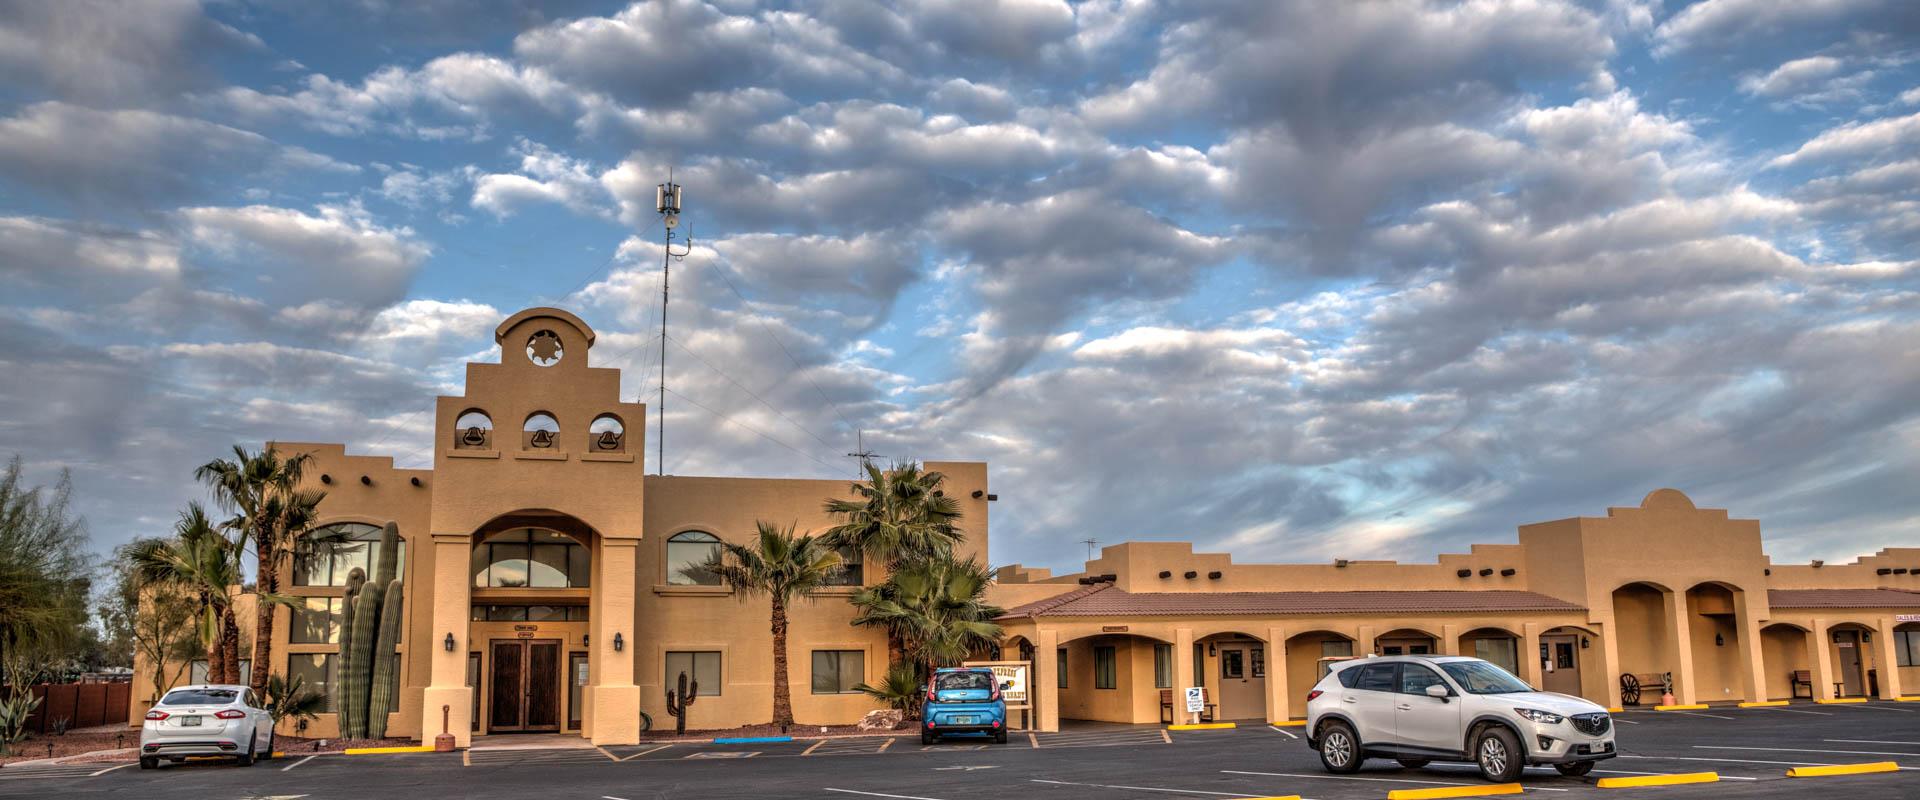 Sundance 1 RV Casa Grande AZ RV Resort